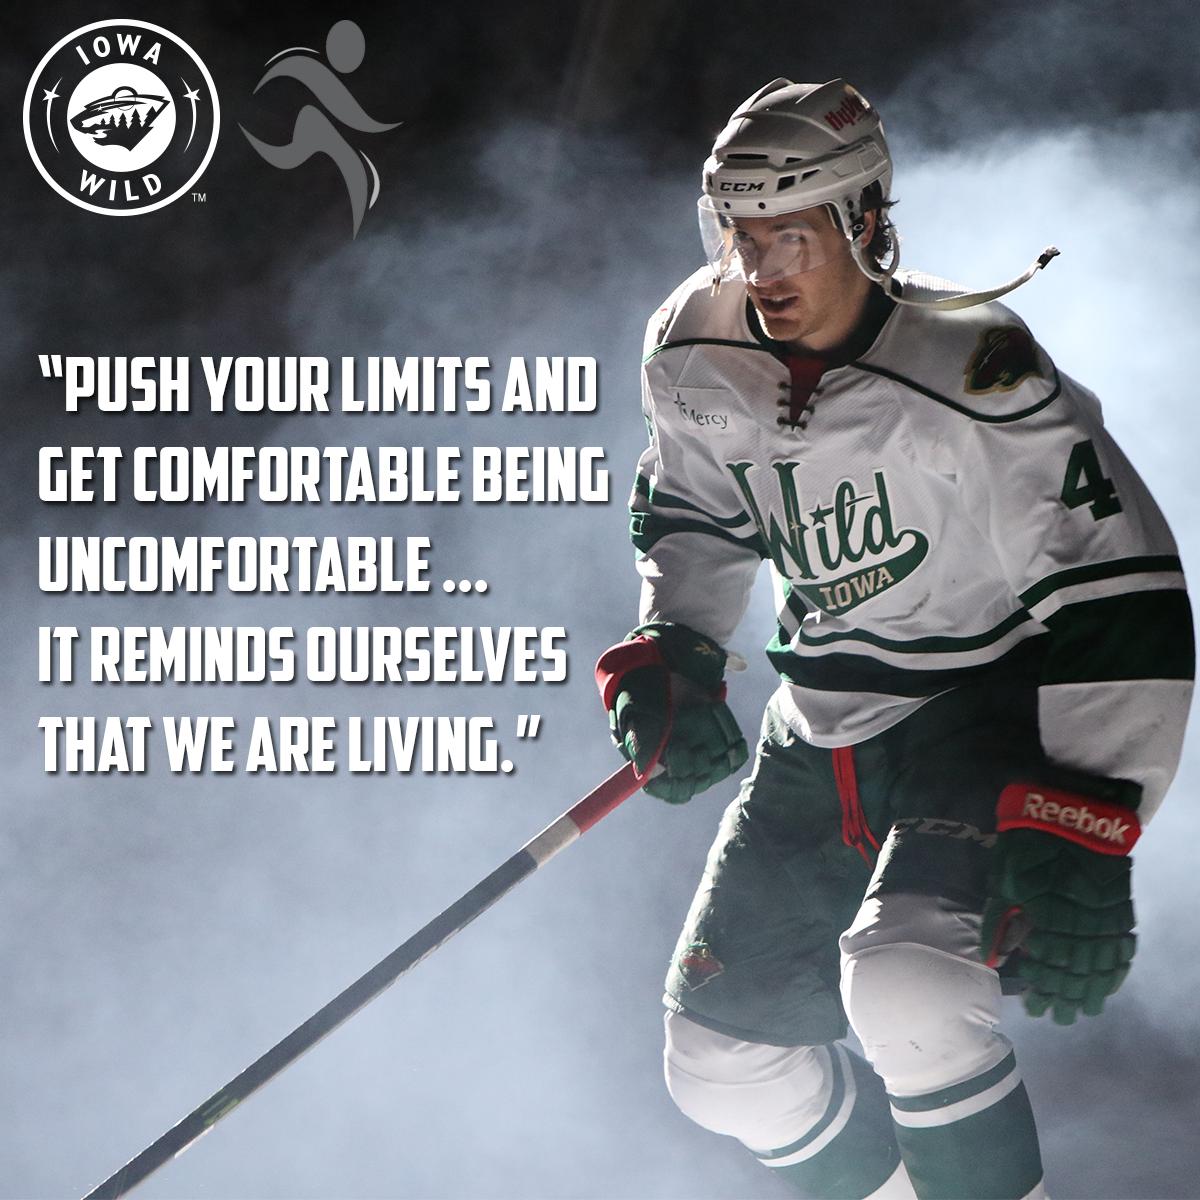 картинки для мотивации в хоккее день рождения марион